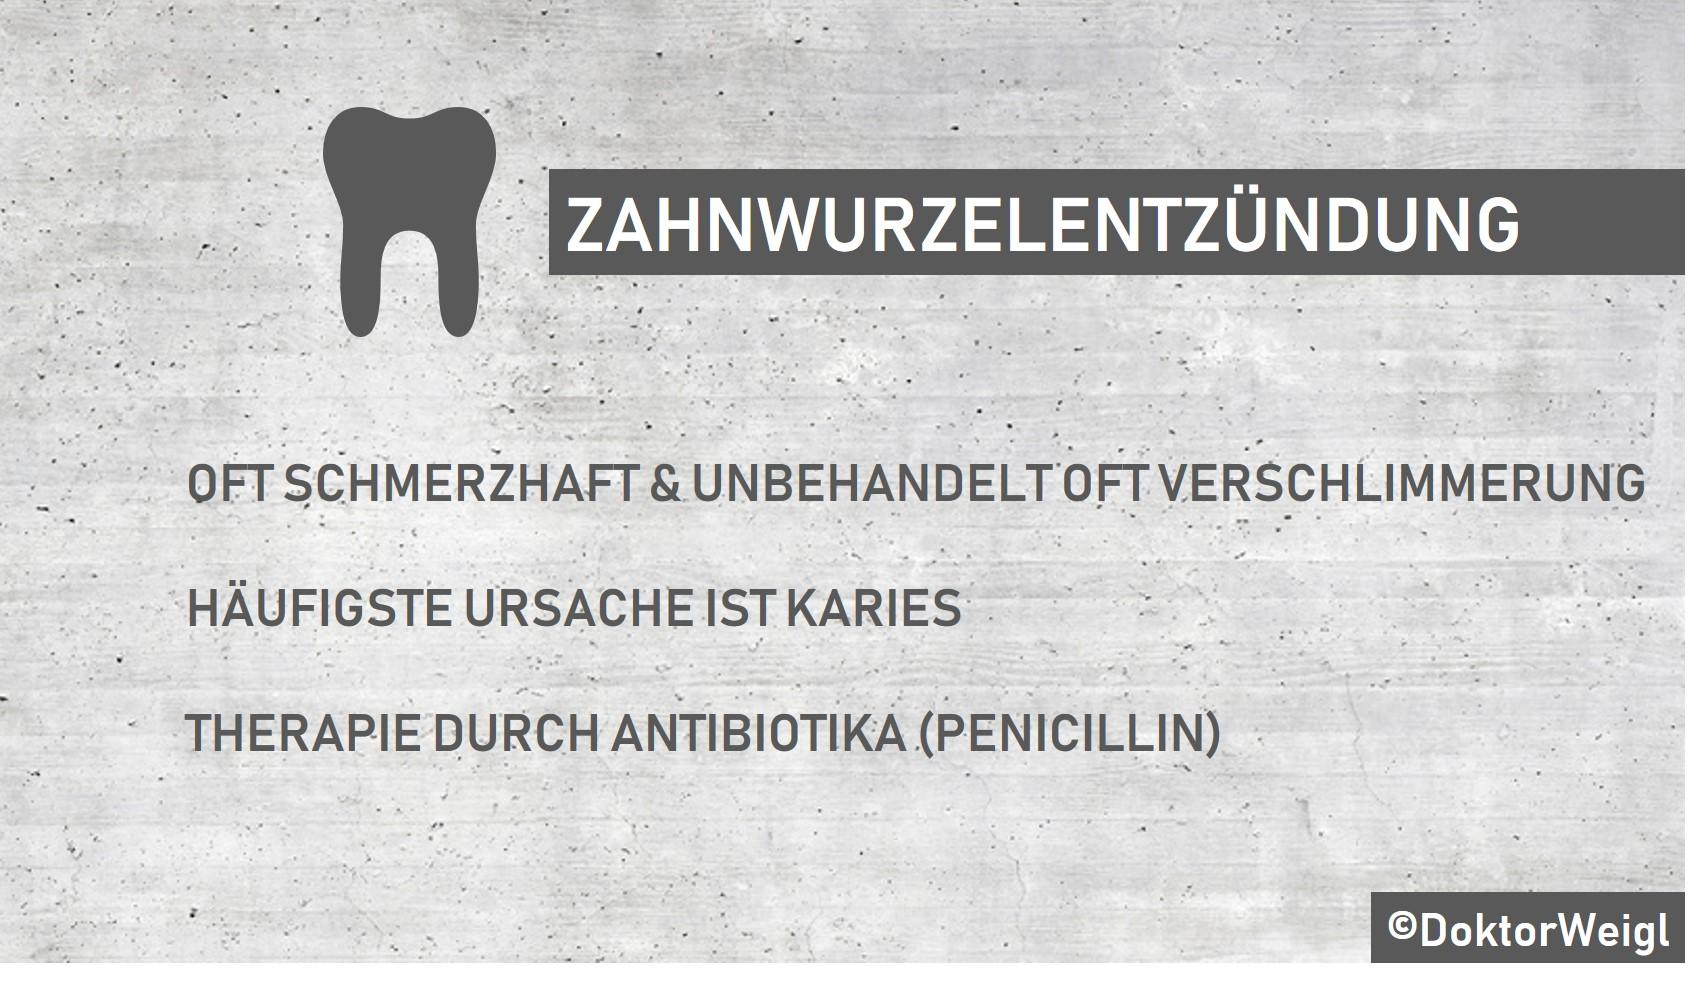 Antibiotika amoxicillin und paracetamol